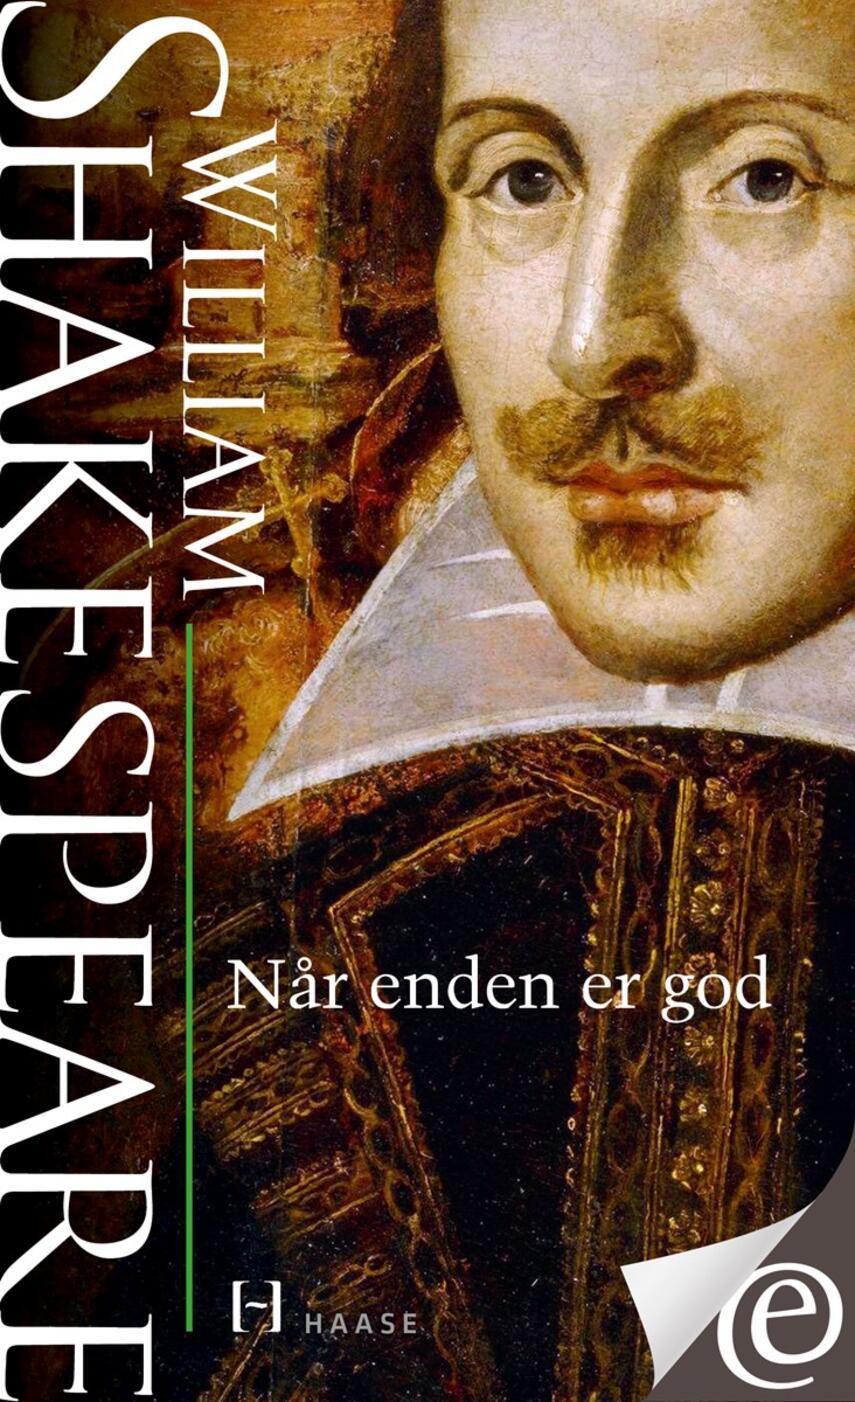 William Shakespeare: Når enden er god